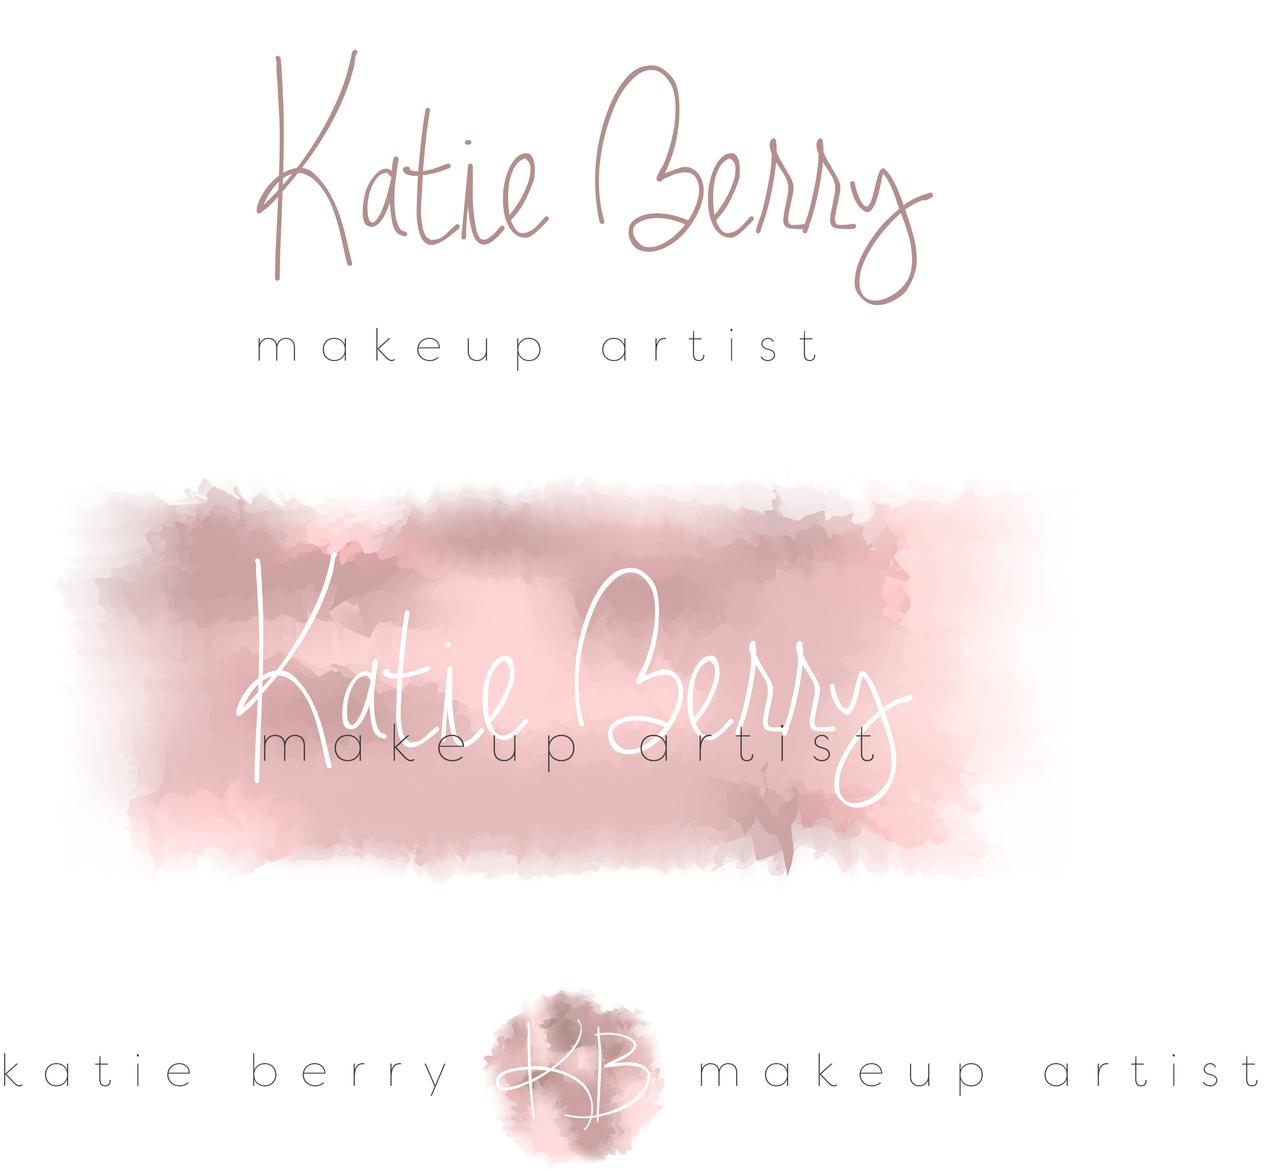 Katie Berry